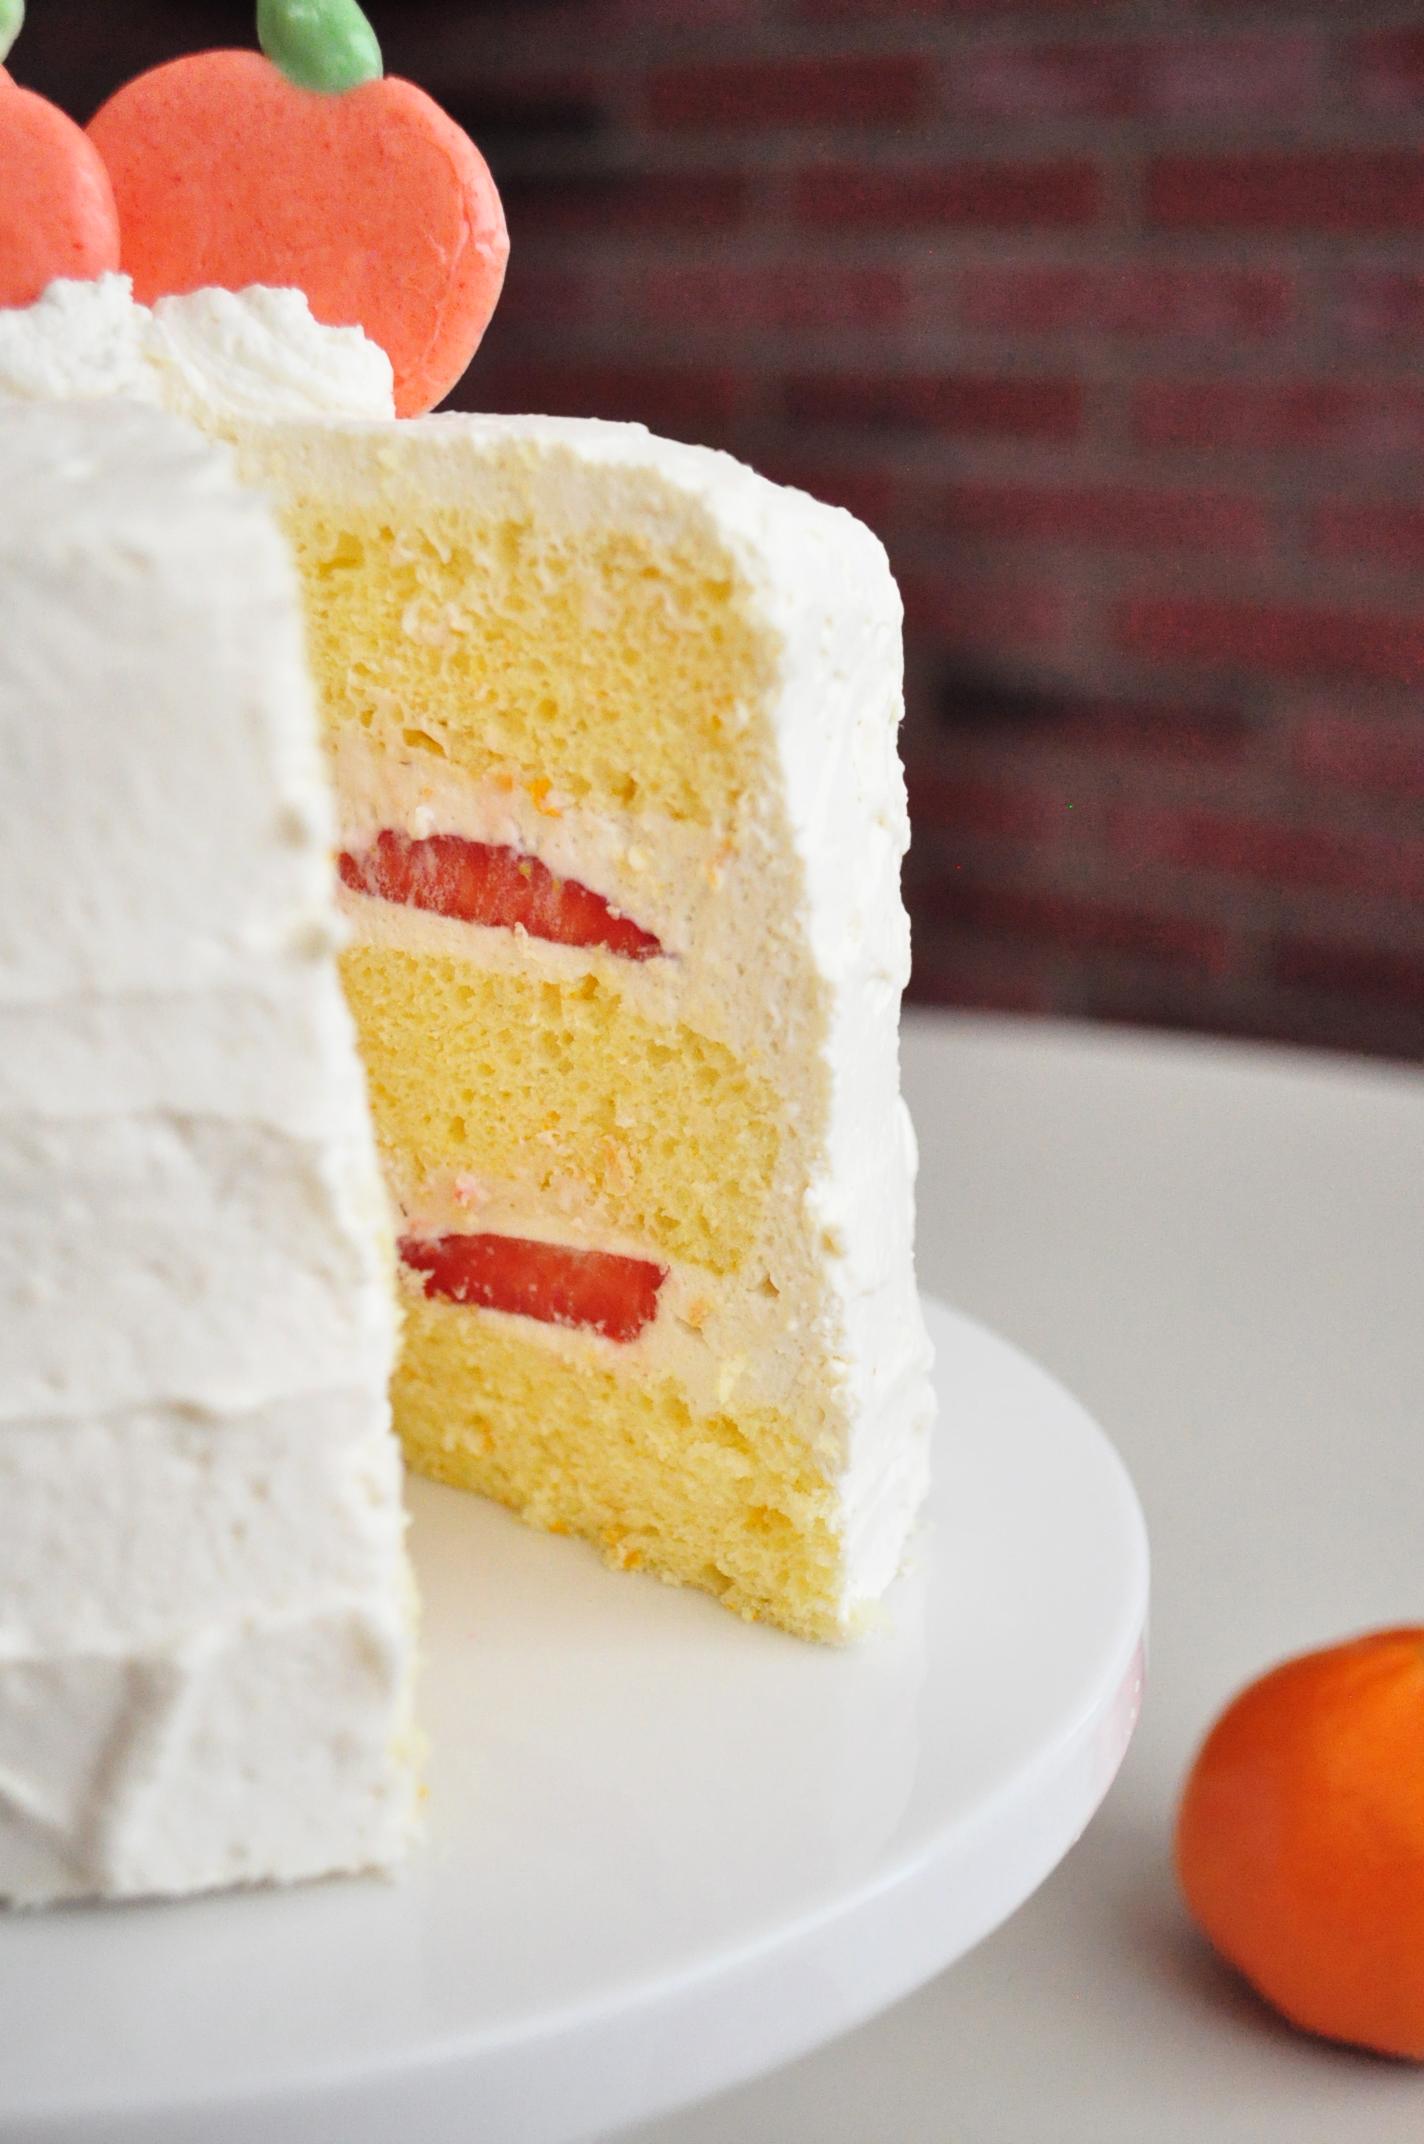 Chinese bakery fruit cake